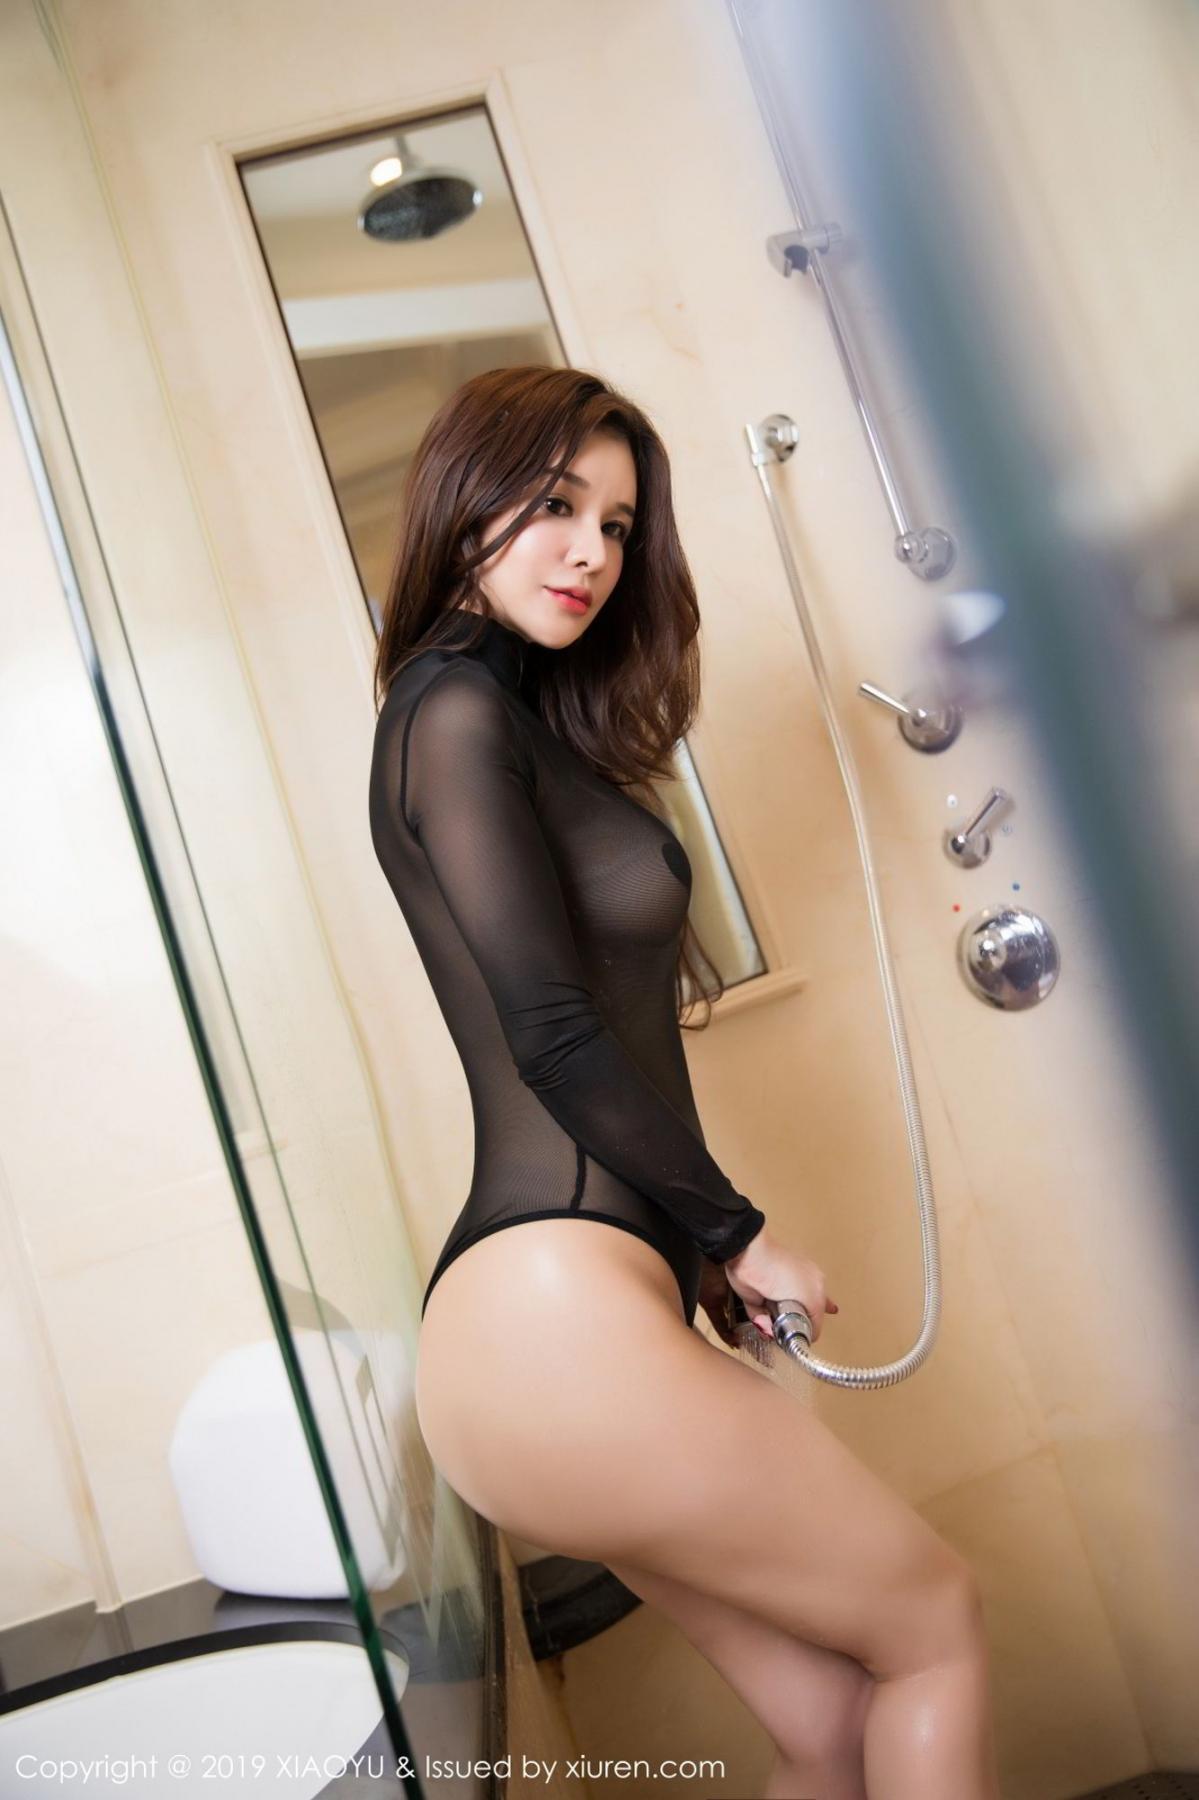 [XiaoYu] Vol.091 Chun Xiao Xi 46P, Bathroom, Chun Xiao Xi, Wet, XiaoYu